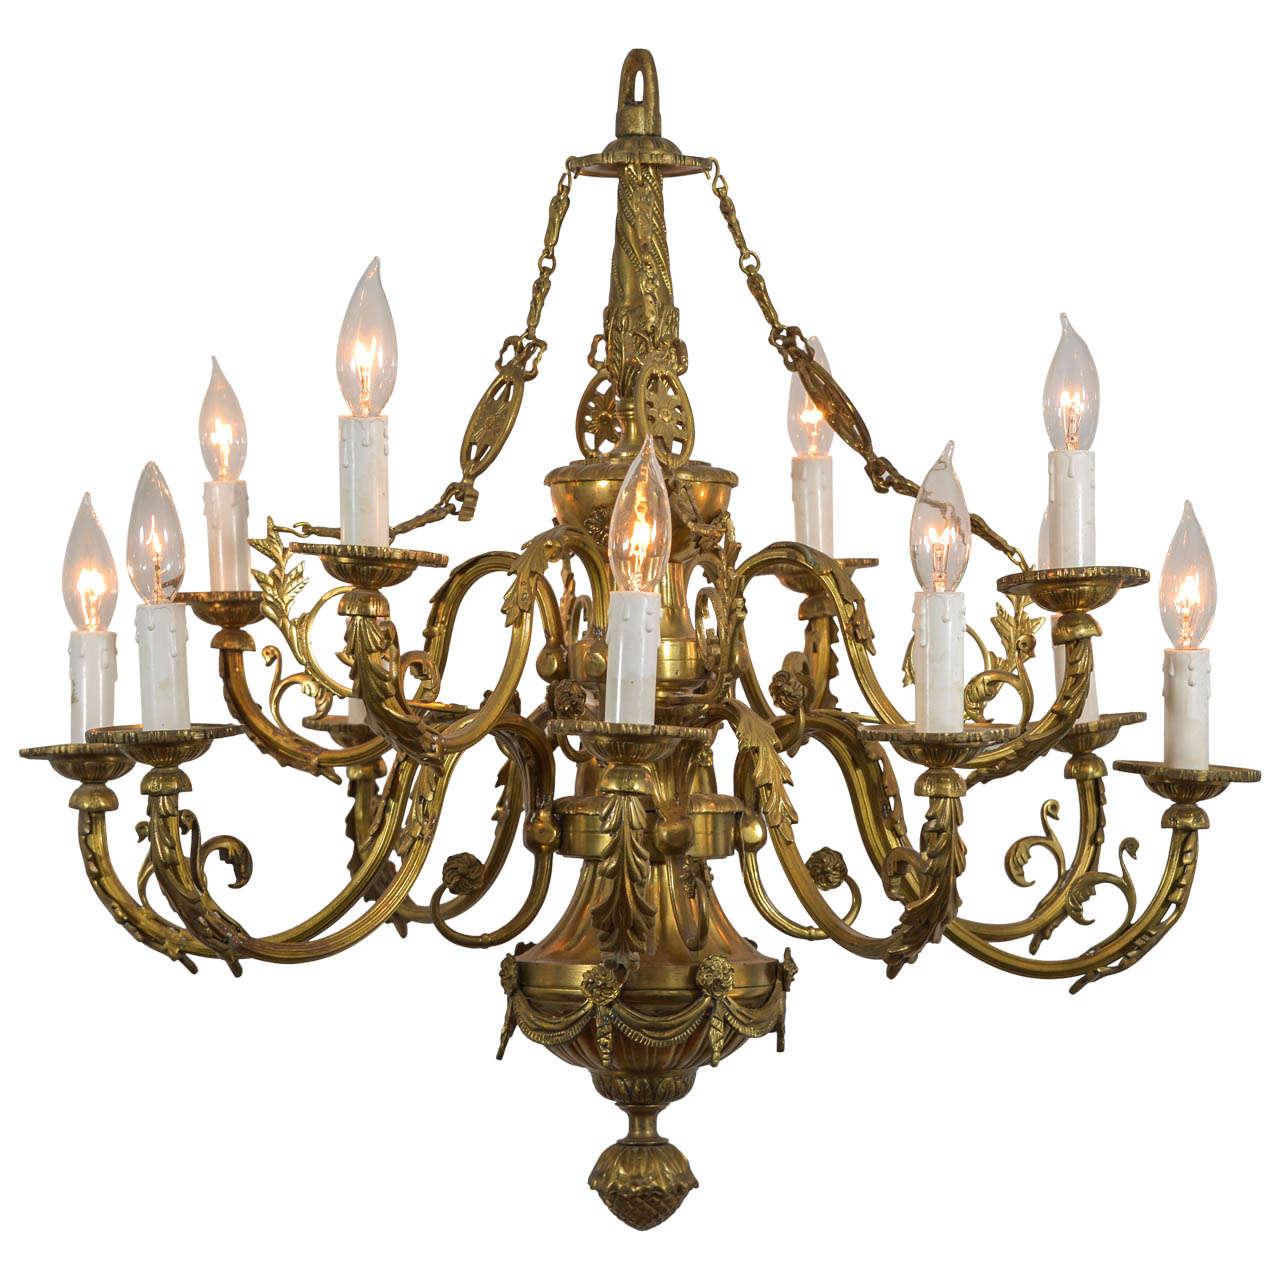 Louie xvi style cast bronze 12 light chandelier at 1stdibs louie xvi style cast bronze 12 light chandelier for sale arubaitofo Choice Image